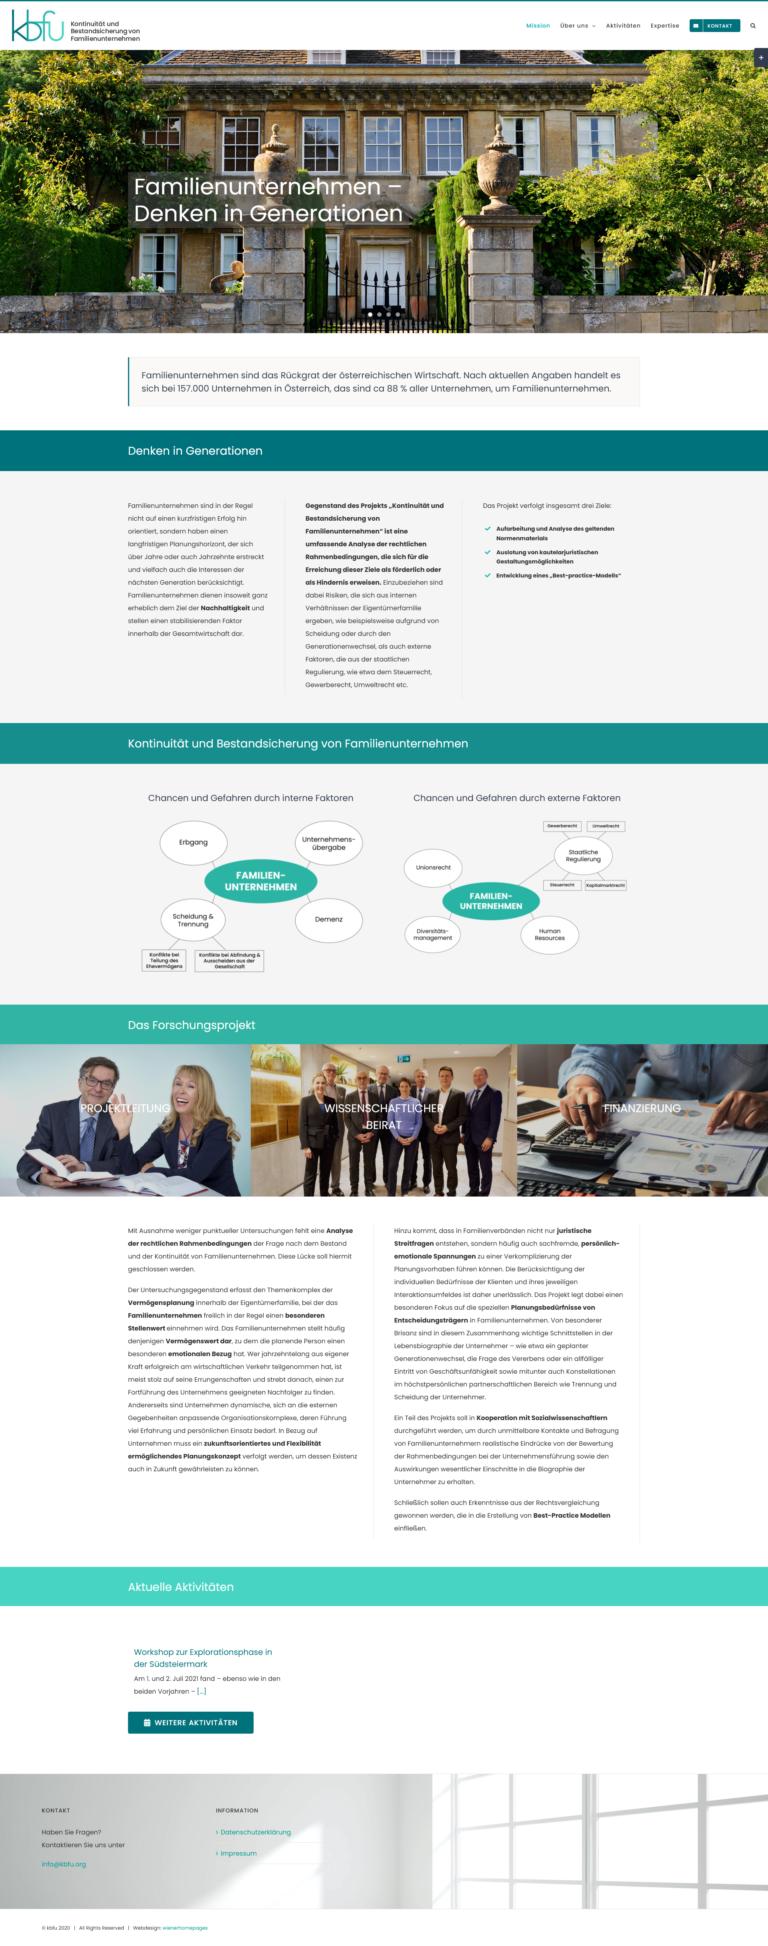 Homepage für das Forschungsprojekt kbfu